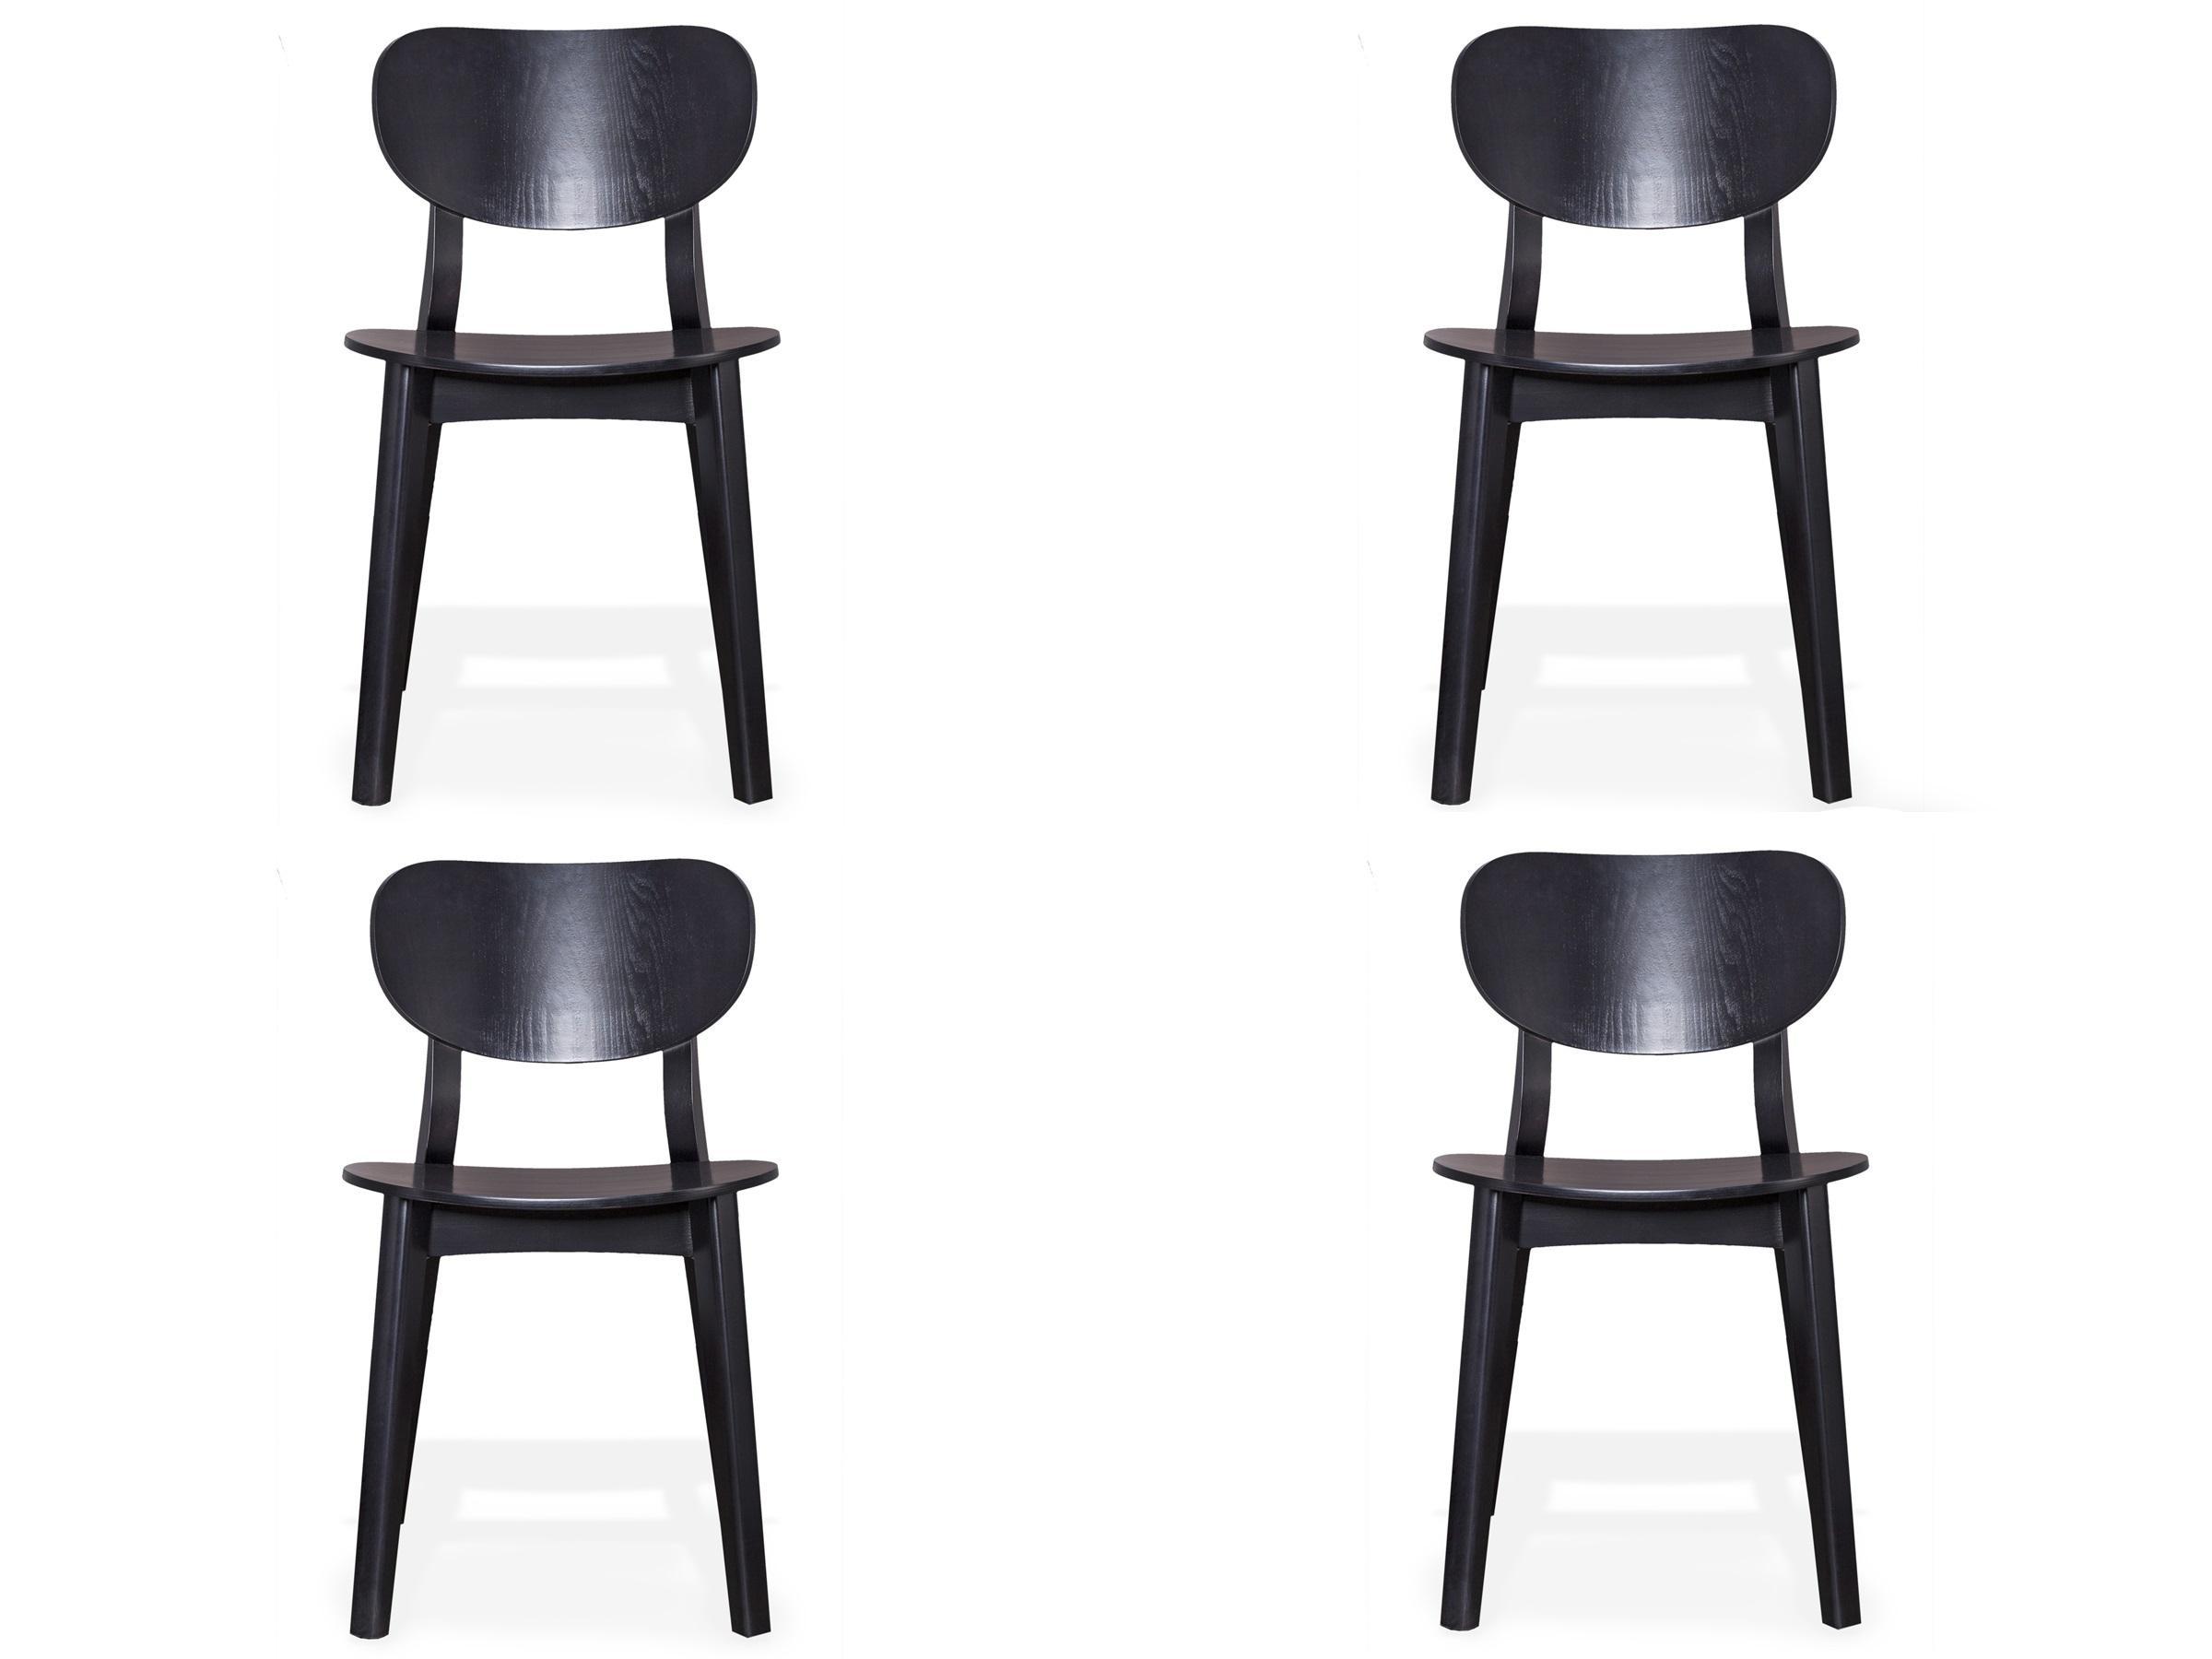 Комплект из 4 стульев XavierКомплекты<br>&amp;lt;div&amp;gt;Этот стул подкупает своей универсальностью! Он будет идеально смотреться как дополнение к обеденному столу, так и станет акцентом для вашей творческой студии. Само воплощение скандинавской классики.&amp;lt;/div&amp;gt;&amp;lt;div&amp;gt;&amp;lt;br&amp;gt;&amp;lt;/div&amp;gt;&amp;lt;div&amp;gt;Высота сидения: 45 см.&amp;lt;br&amp;gt;&amp;lt;/div&amp;gt;<br><br>Material: Дерево<br>Ширина см: 46<br>Высота см: 79<br>Глубина см: 45